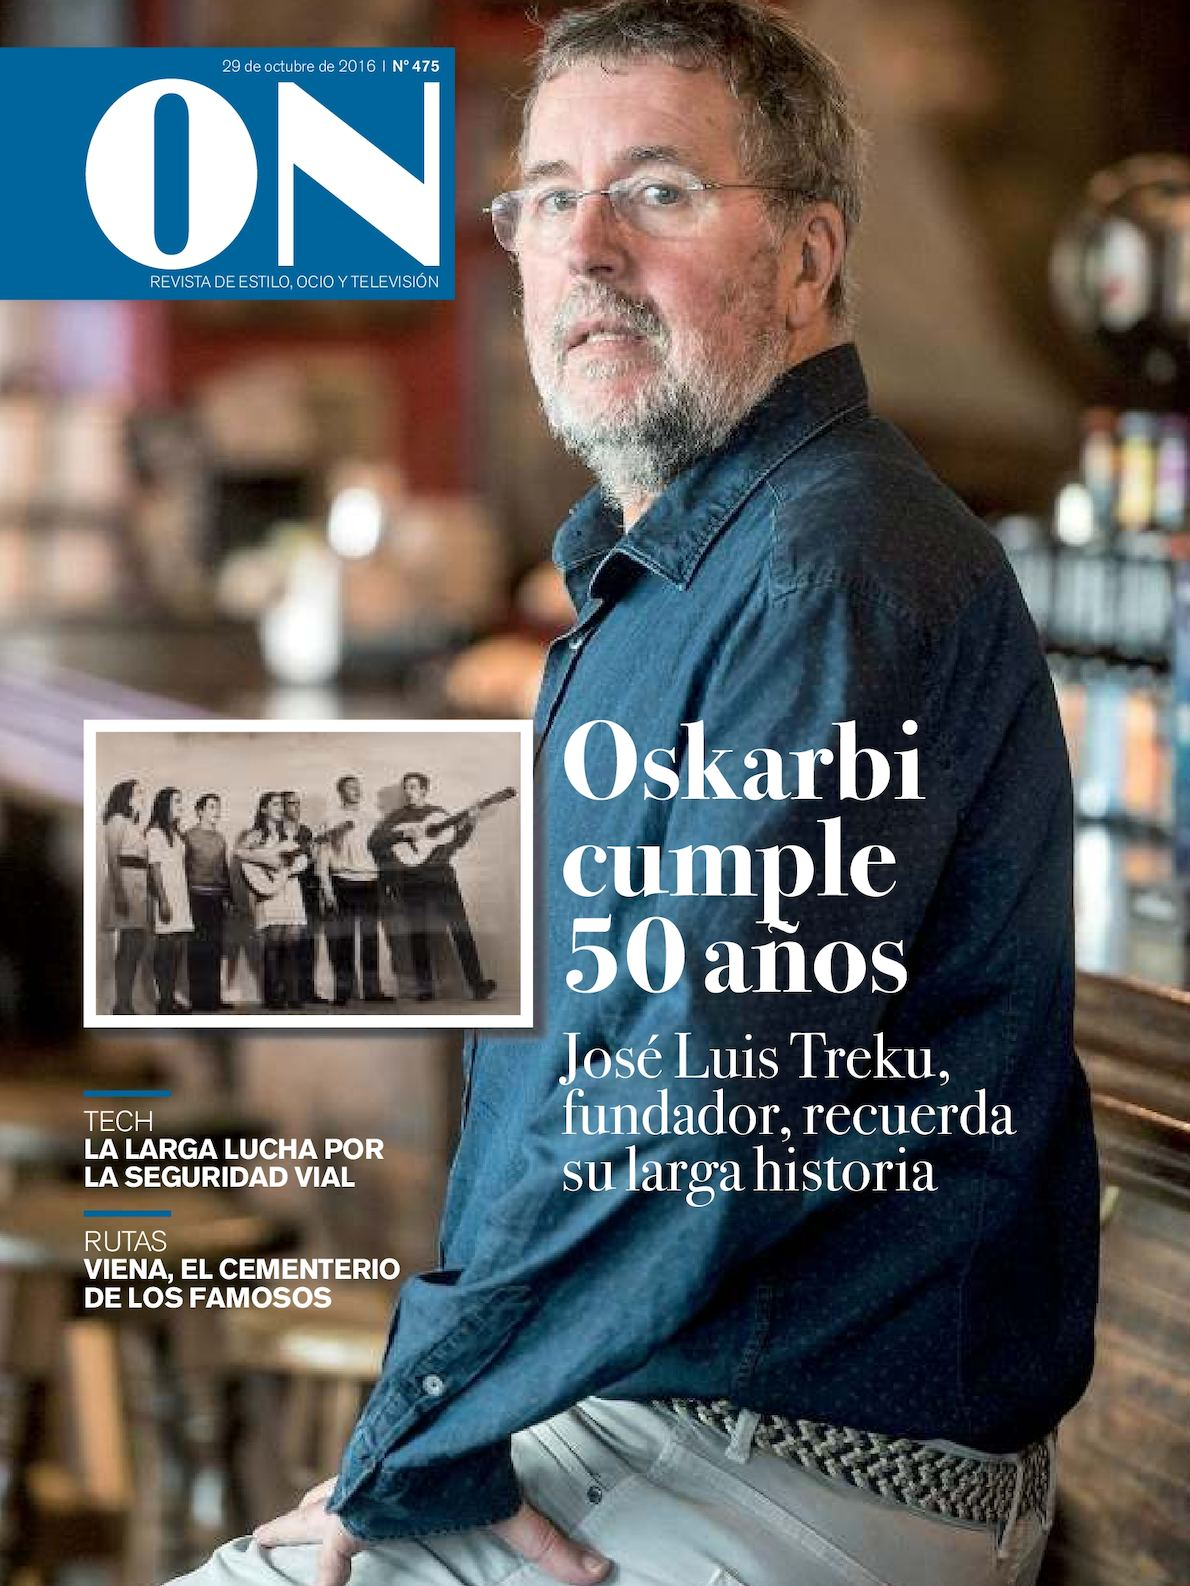 ON Revista de Ocio y Estilo 20161029